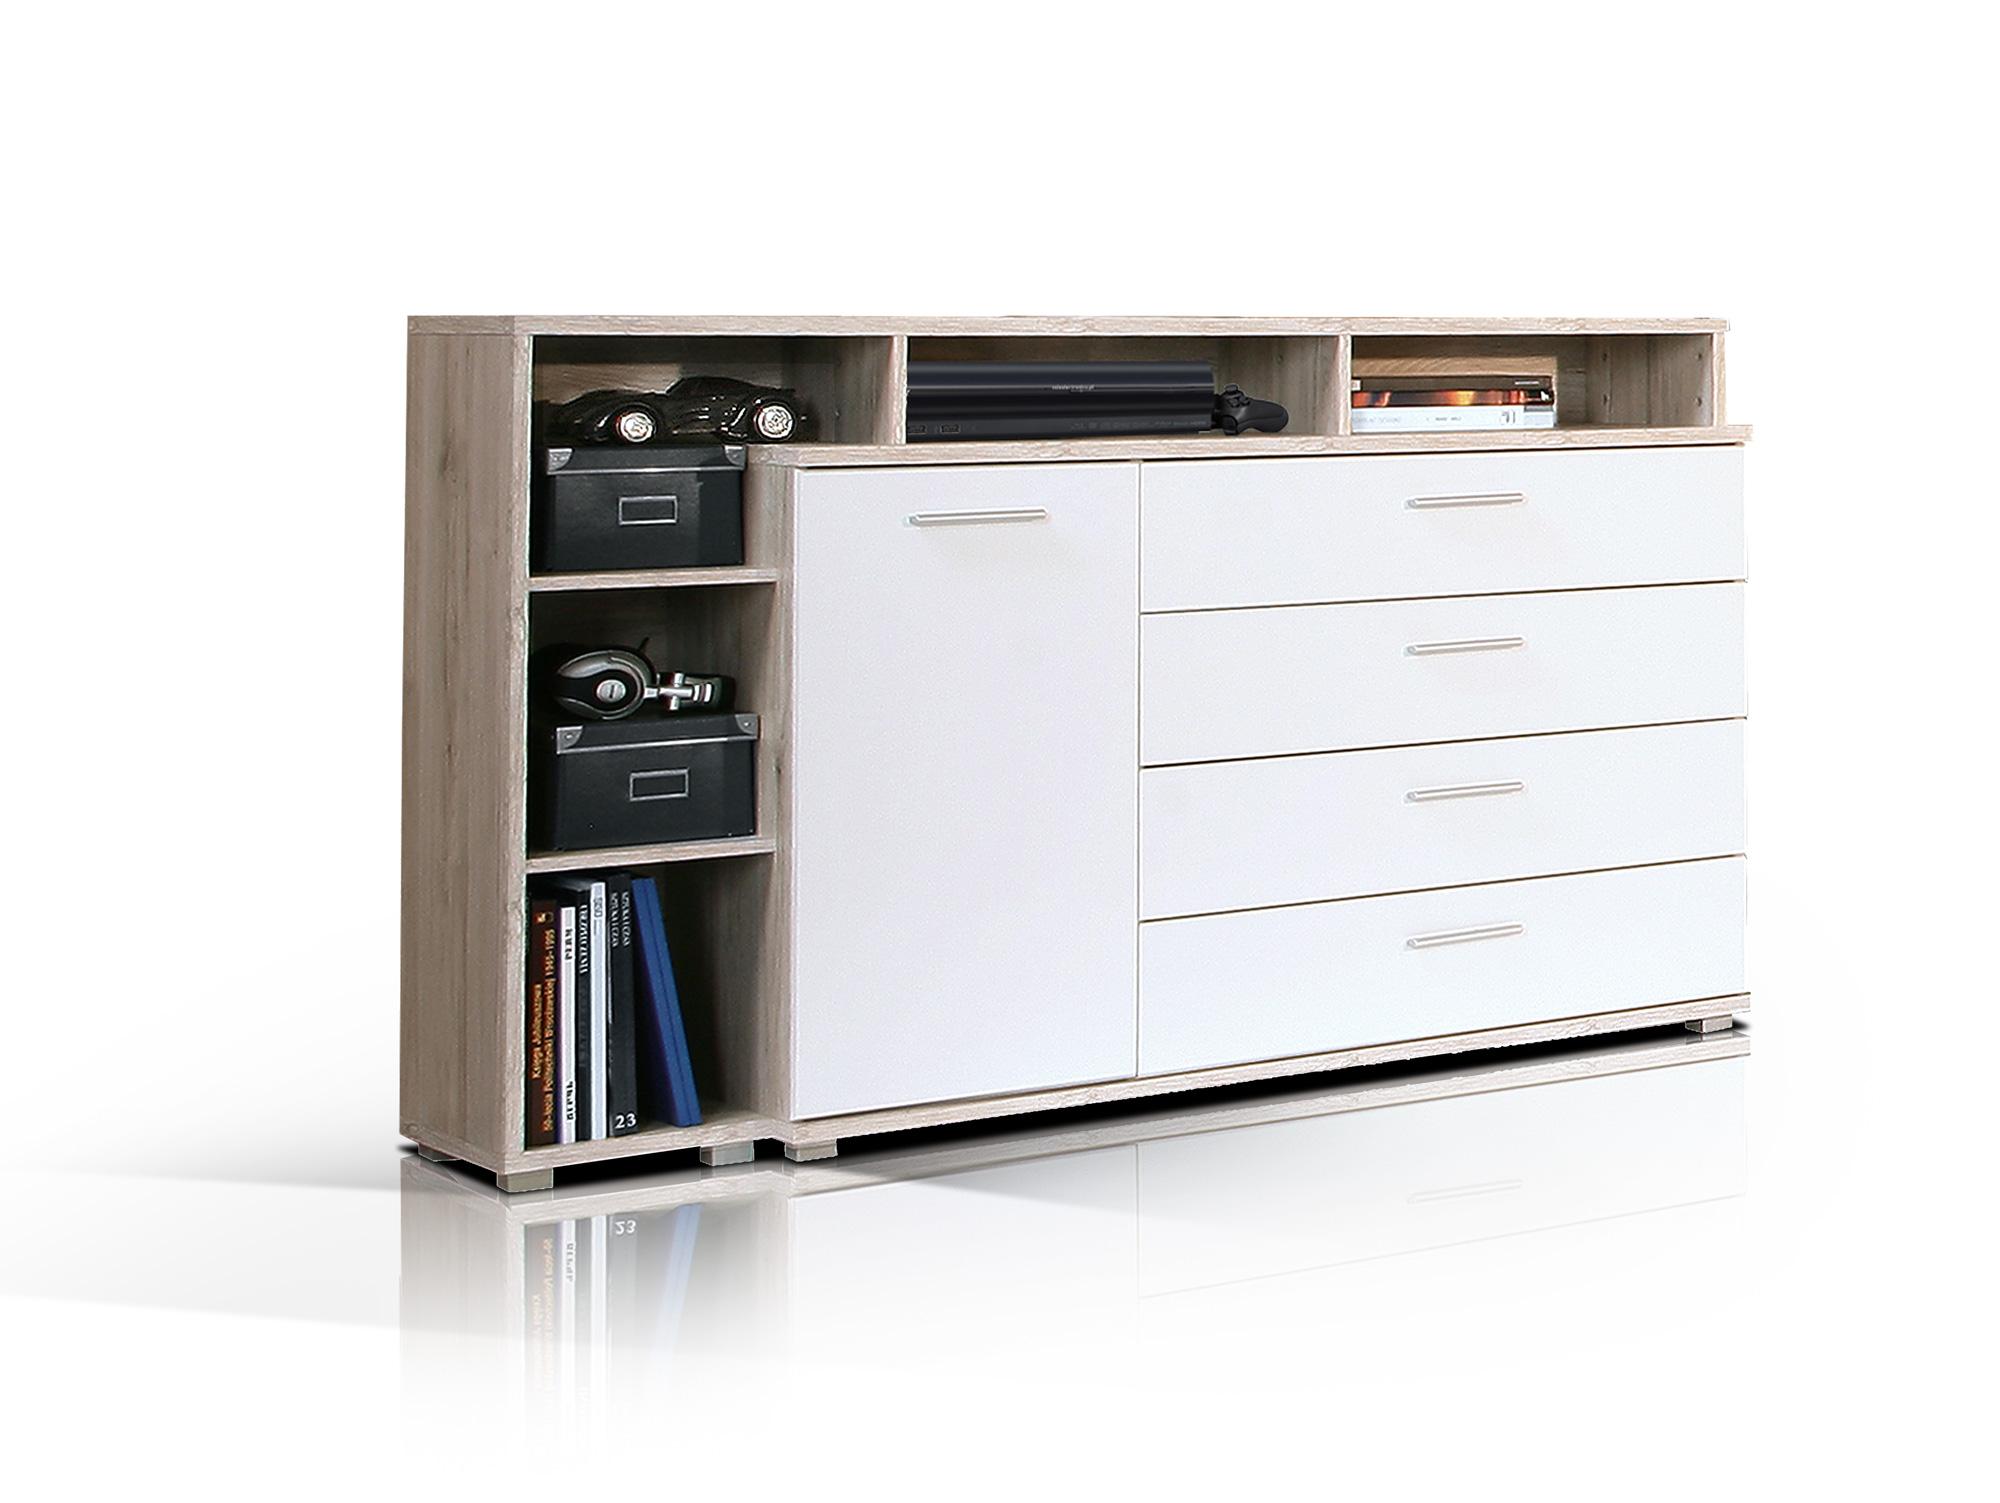 kommode weiss hochglanz g nstig kaufen. Black Bedroom Furniture Sets. Home Design Ideas